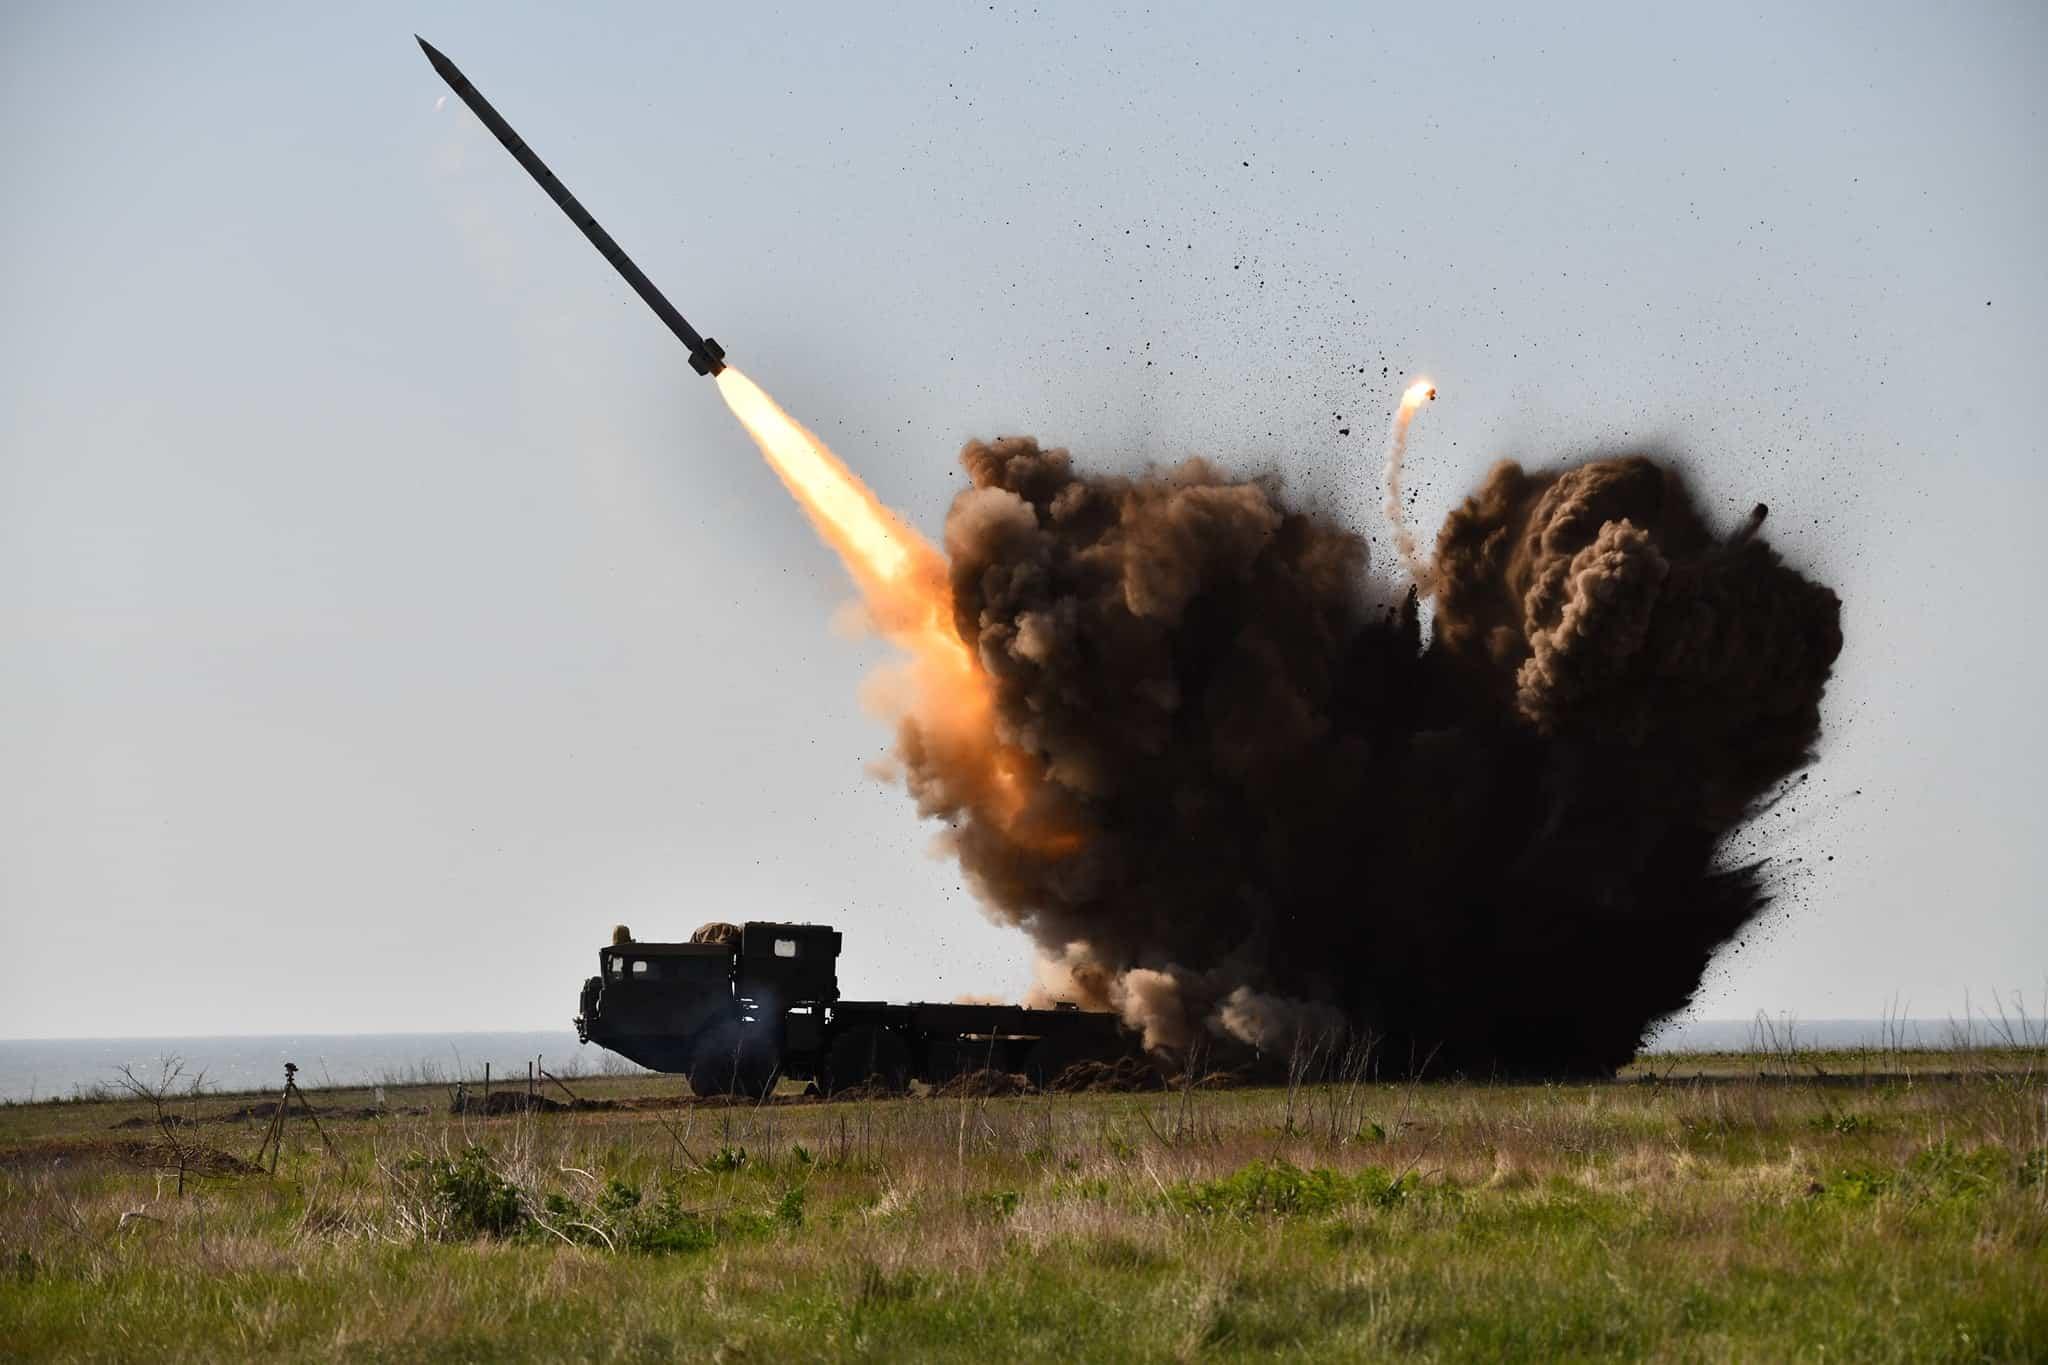 Стрільби «Вільха-М» на Державному випробувальному полігоні «Алібей» 25 квітня 2020 року